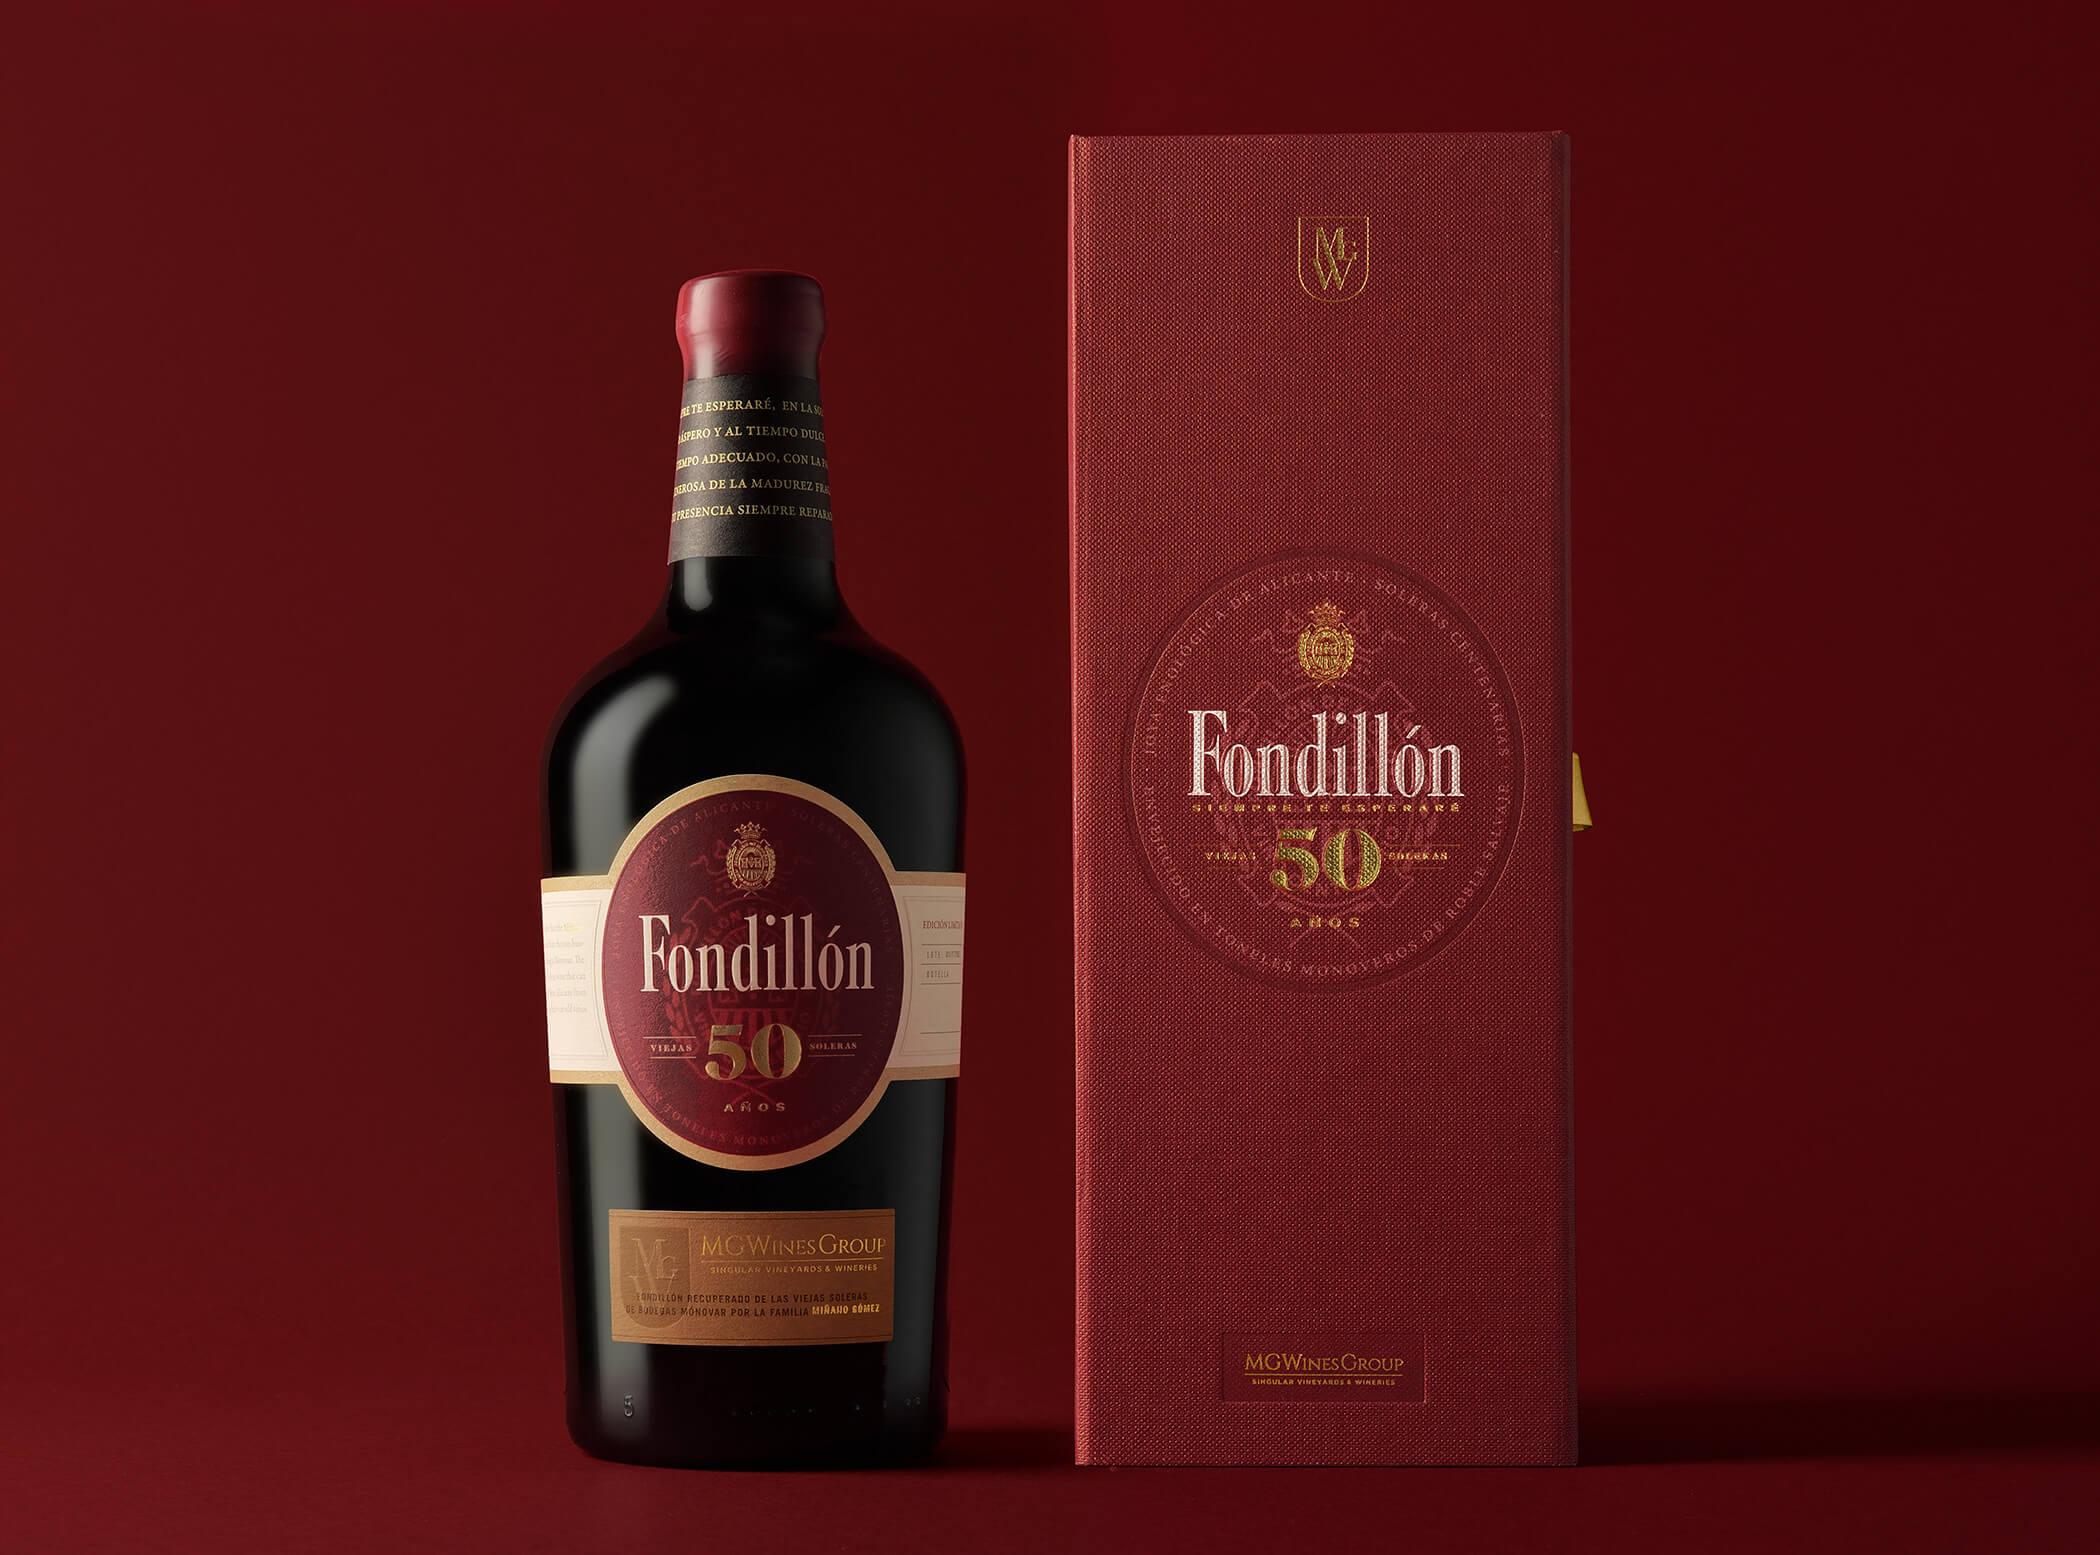 FONDILLÓN 501